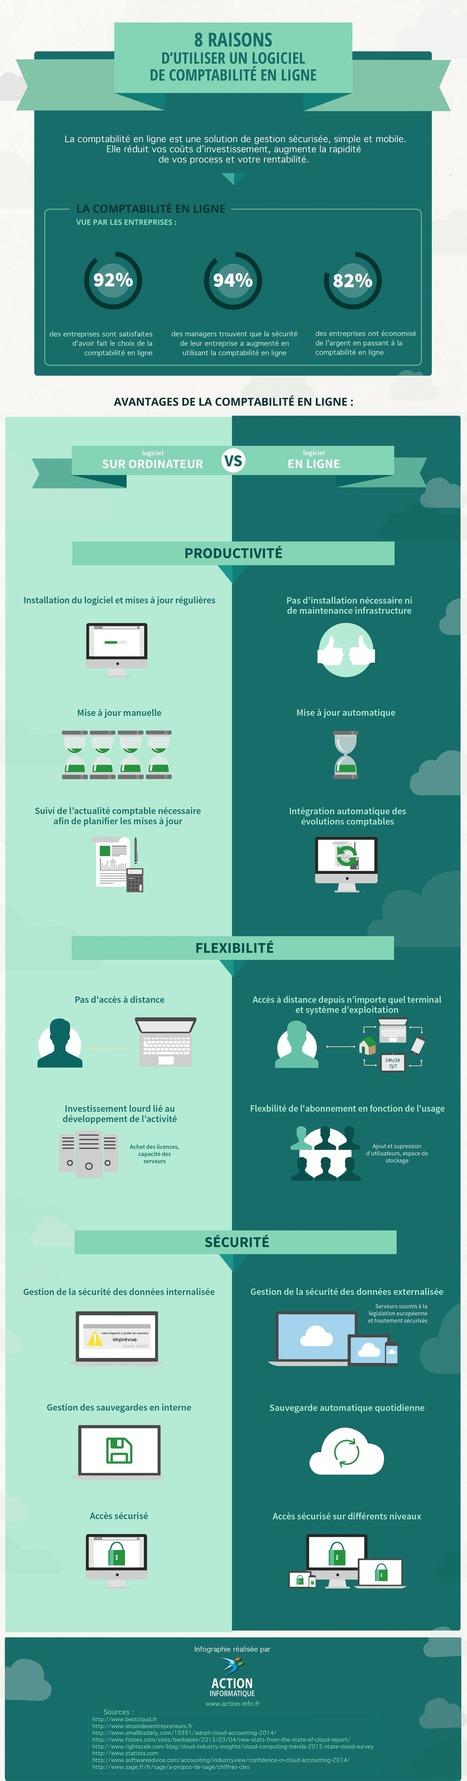 [ Infographie ] 8 raisons d'utiliser un logiciel de comptabilité en ligne | Entrepreneurs du Web | Scoop.it